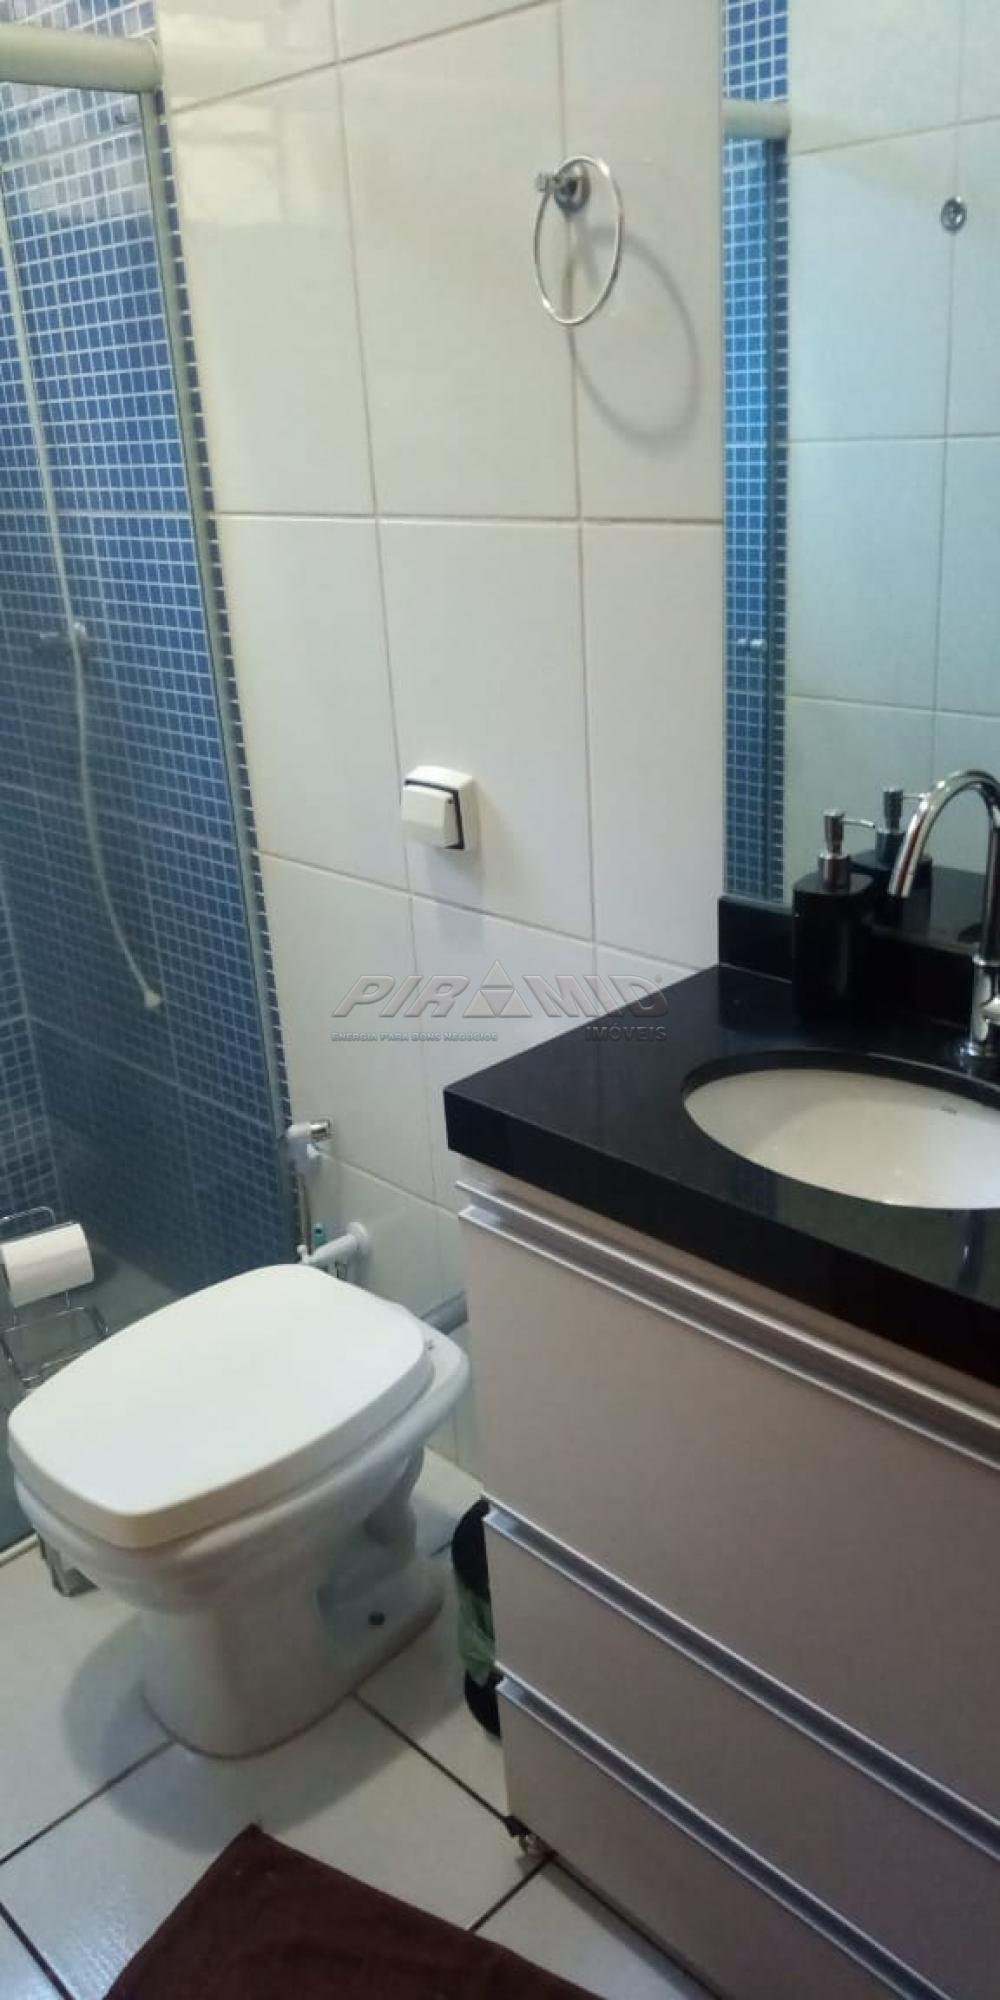 Comprar Casa / Padrão em Jardinópolis apenas R$ 220.000,00 - Foto 9